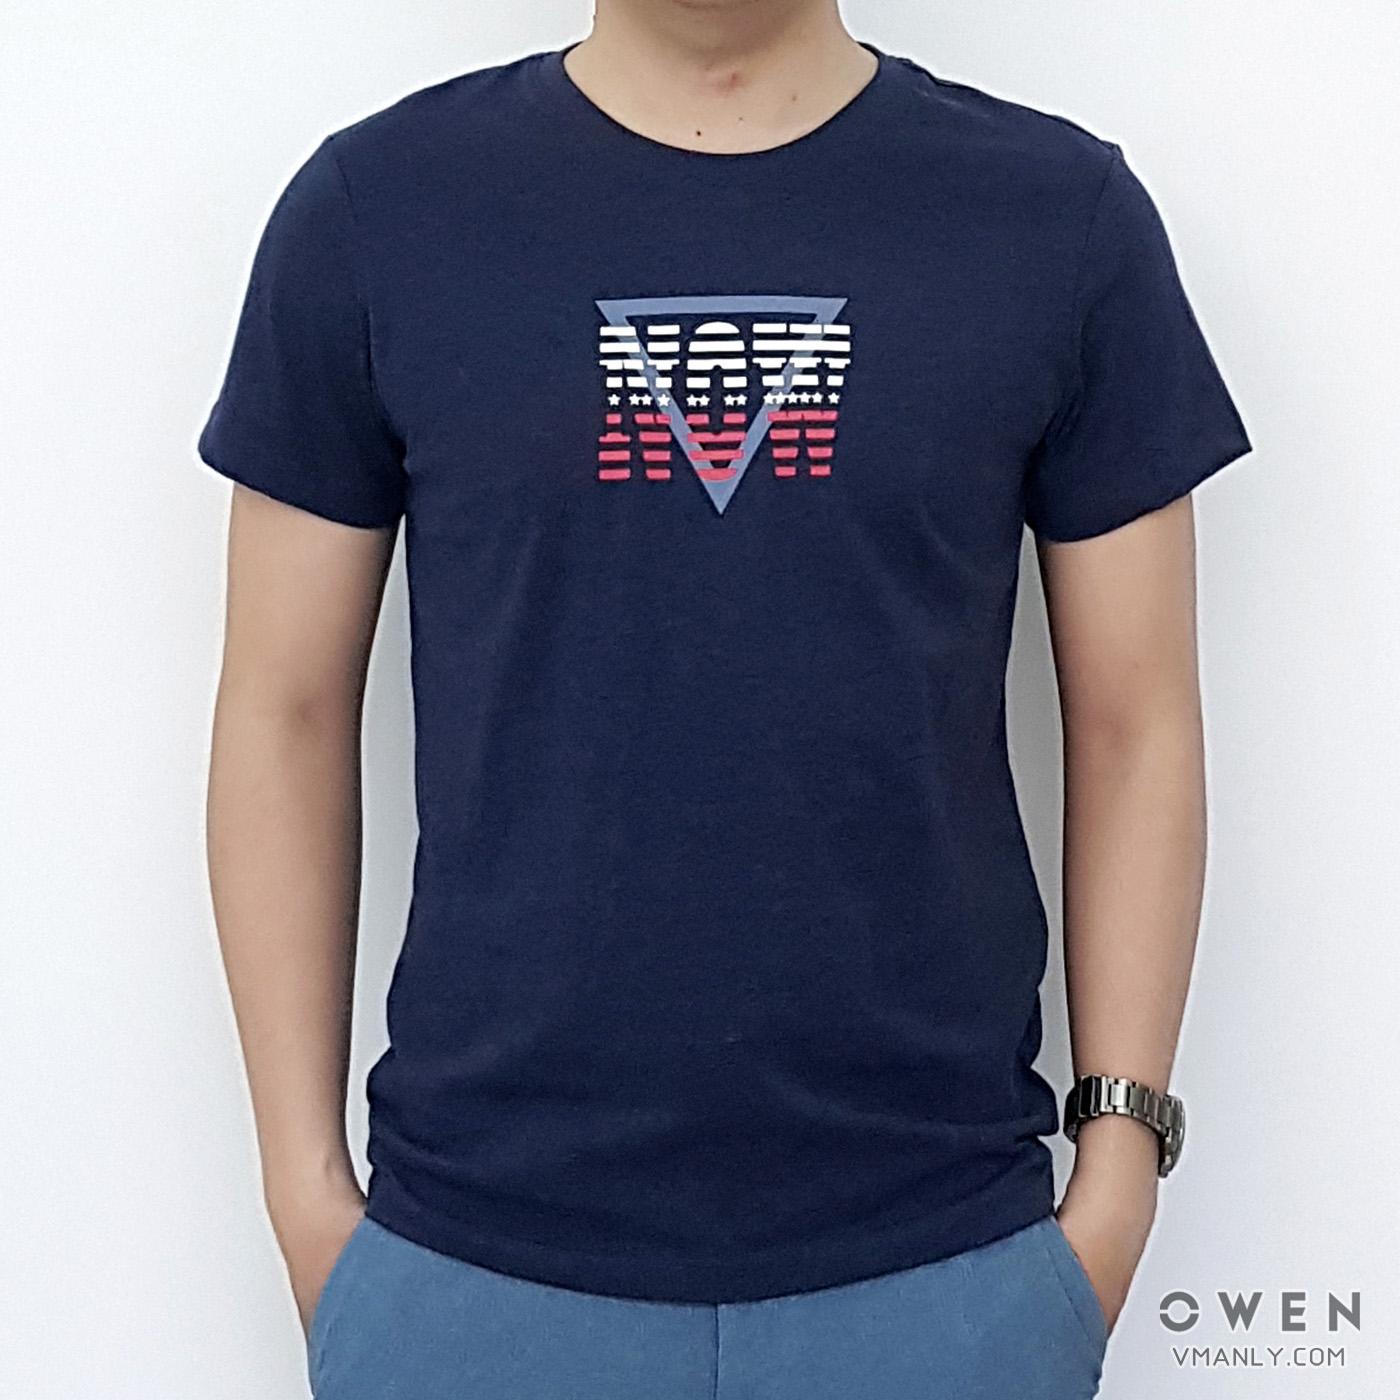 Áo T-shirt nam Owen cổ tròn màu xanh đậm TSN90718